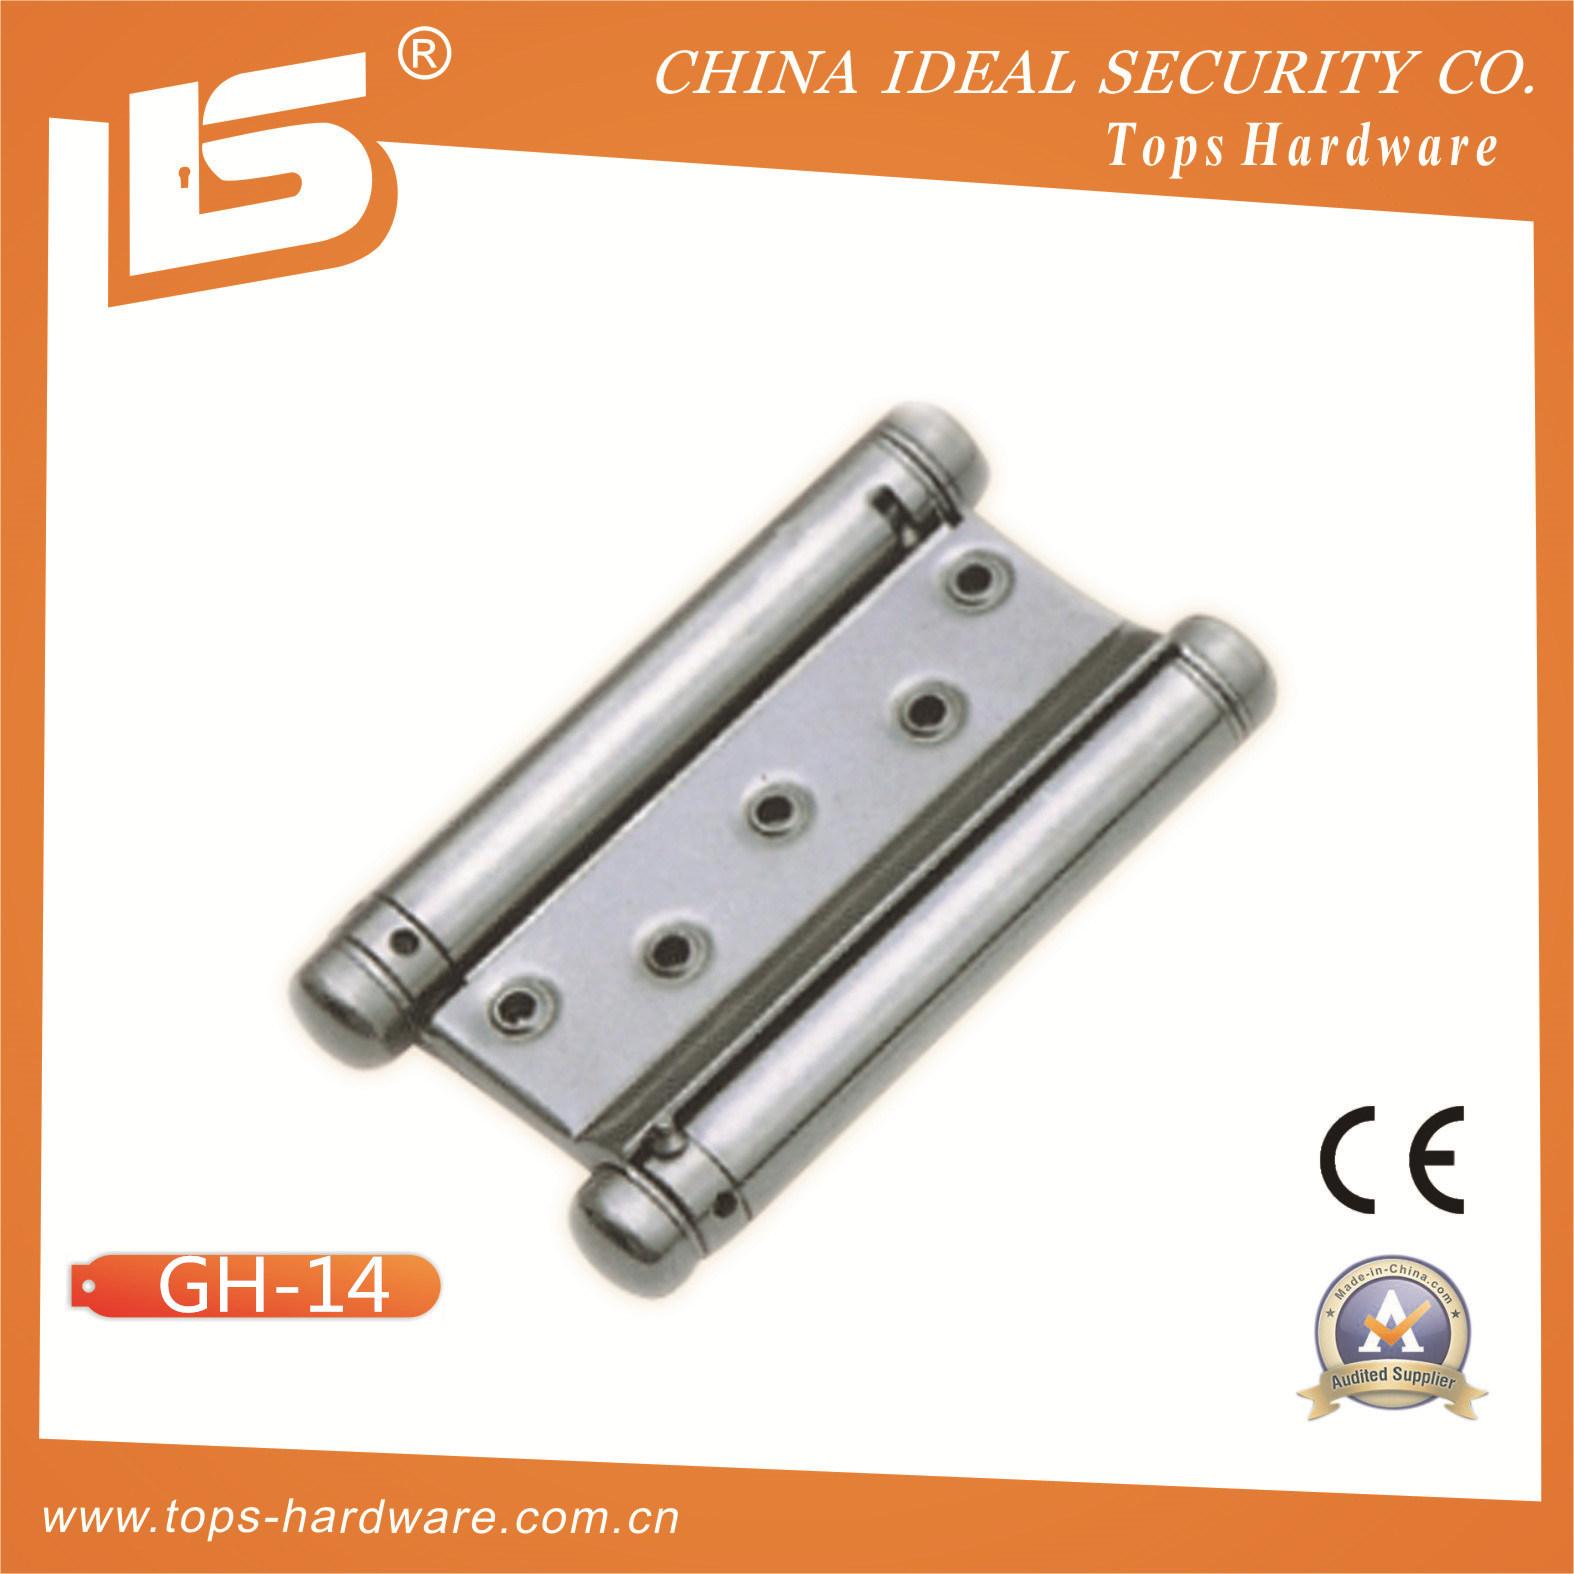 hydraulic door closer hinge for double swing door gh14